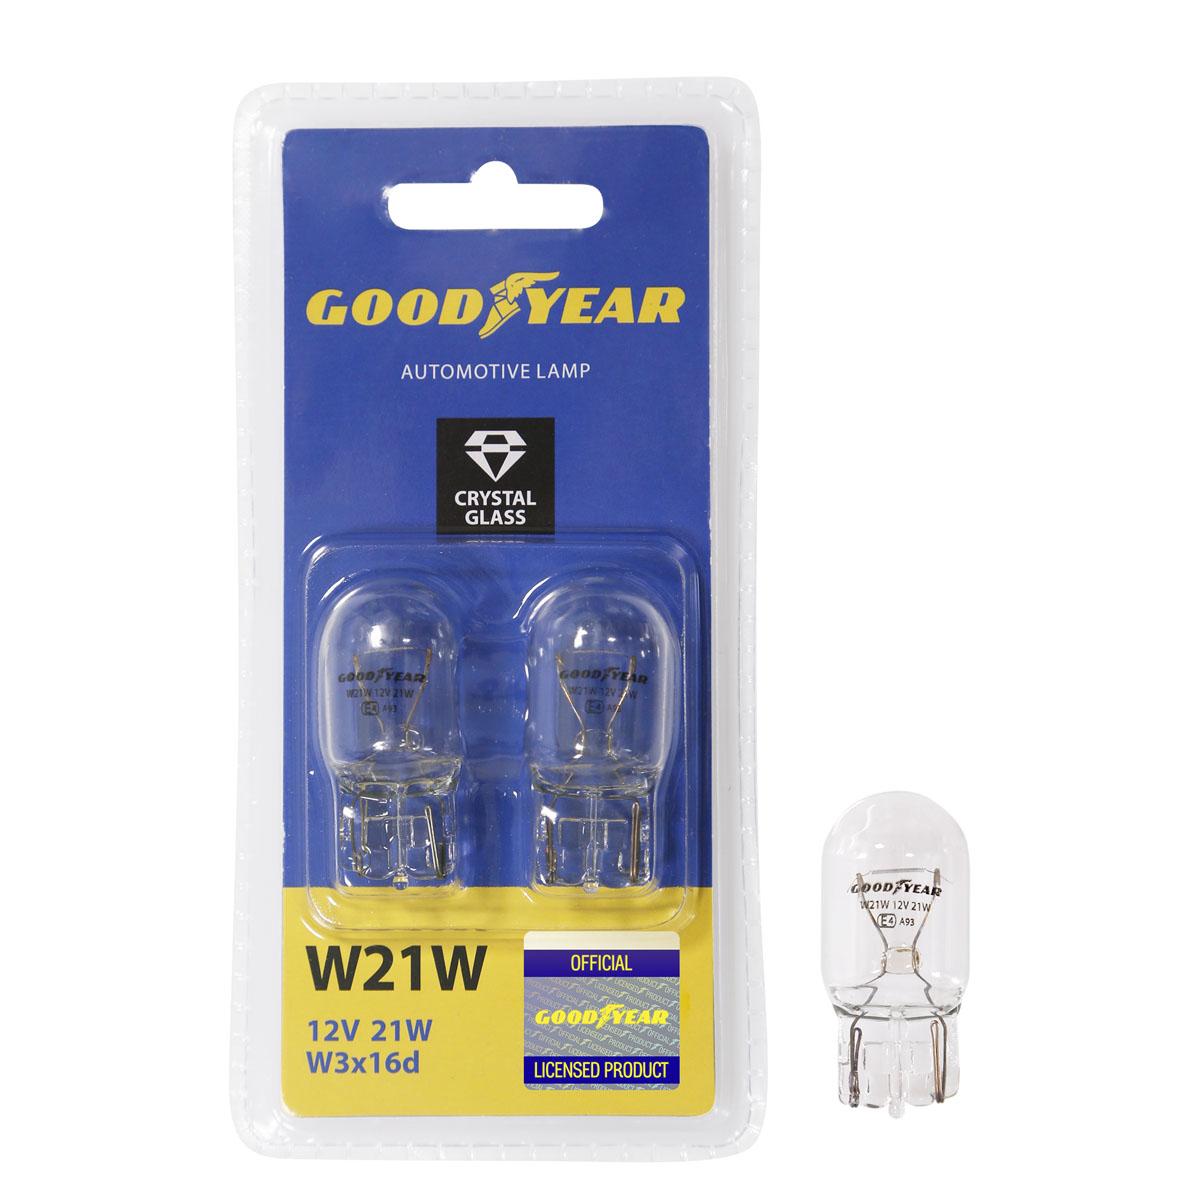 """Лампа накаливания автомобильная """"Goodyear"""", W21W, 12V, цоколь W3x16d, 21W, 2 шт"""